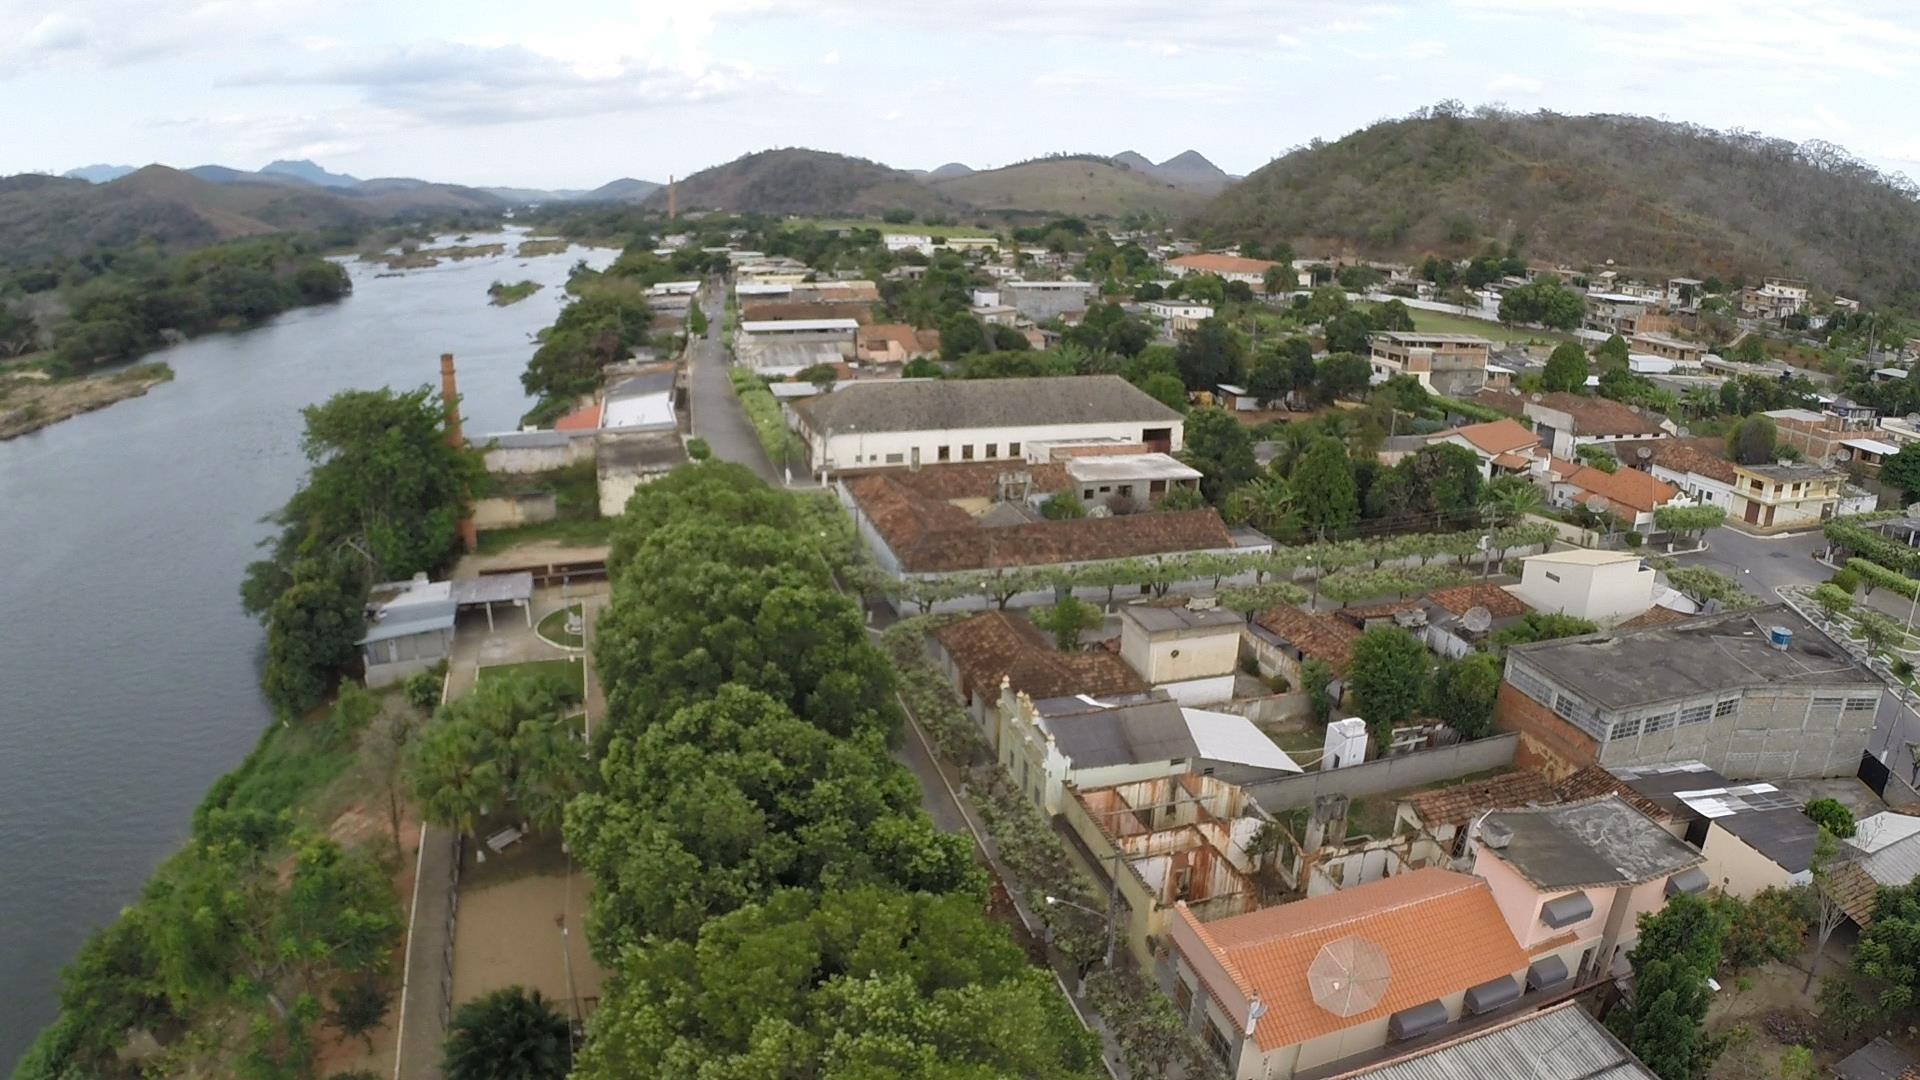 Itaocara Rio de Janeiro fonte: www.itaocararj.com.br